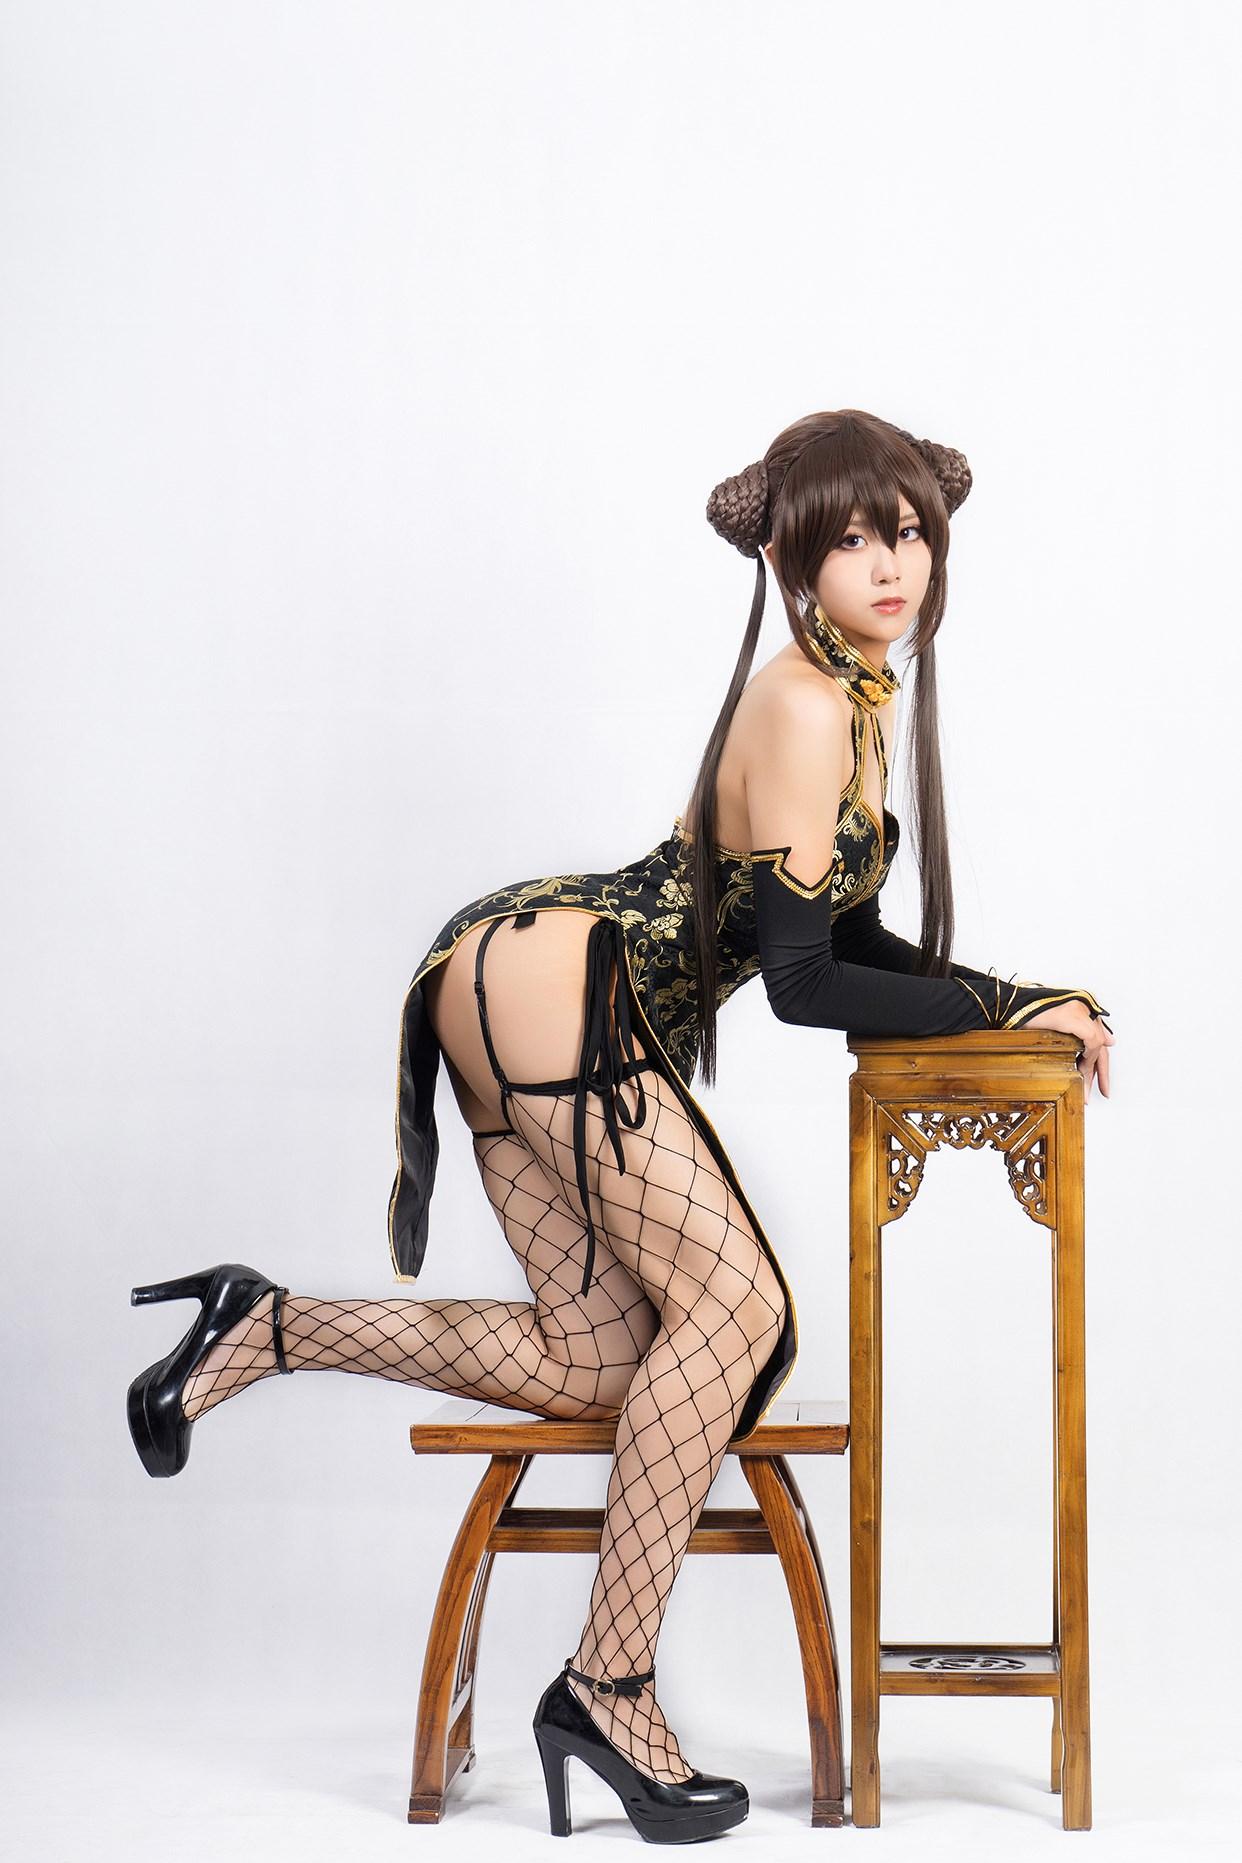 【兔玩映画】旗袍果腿和网袜 兔玩映画 第26张